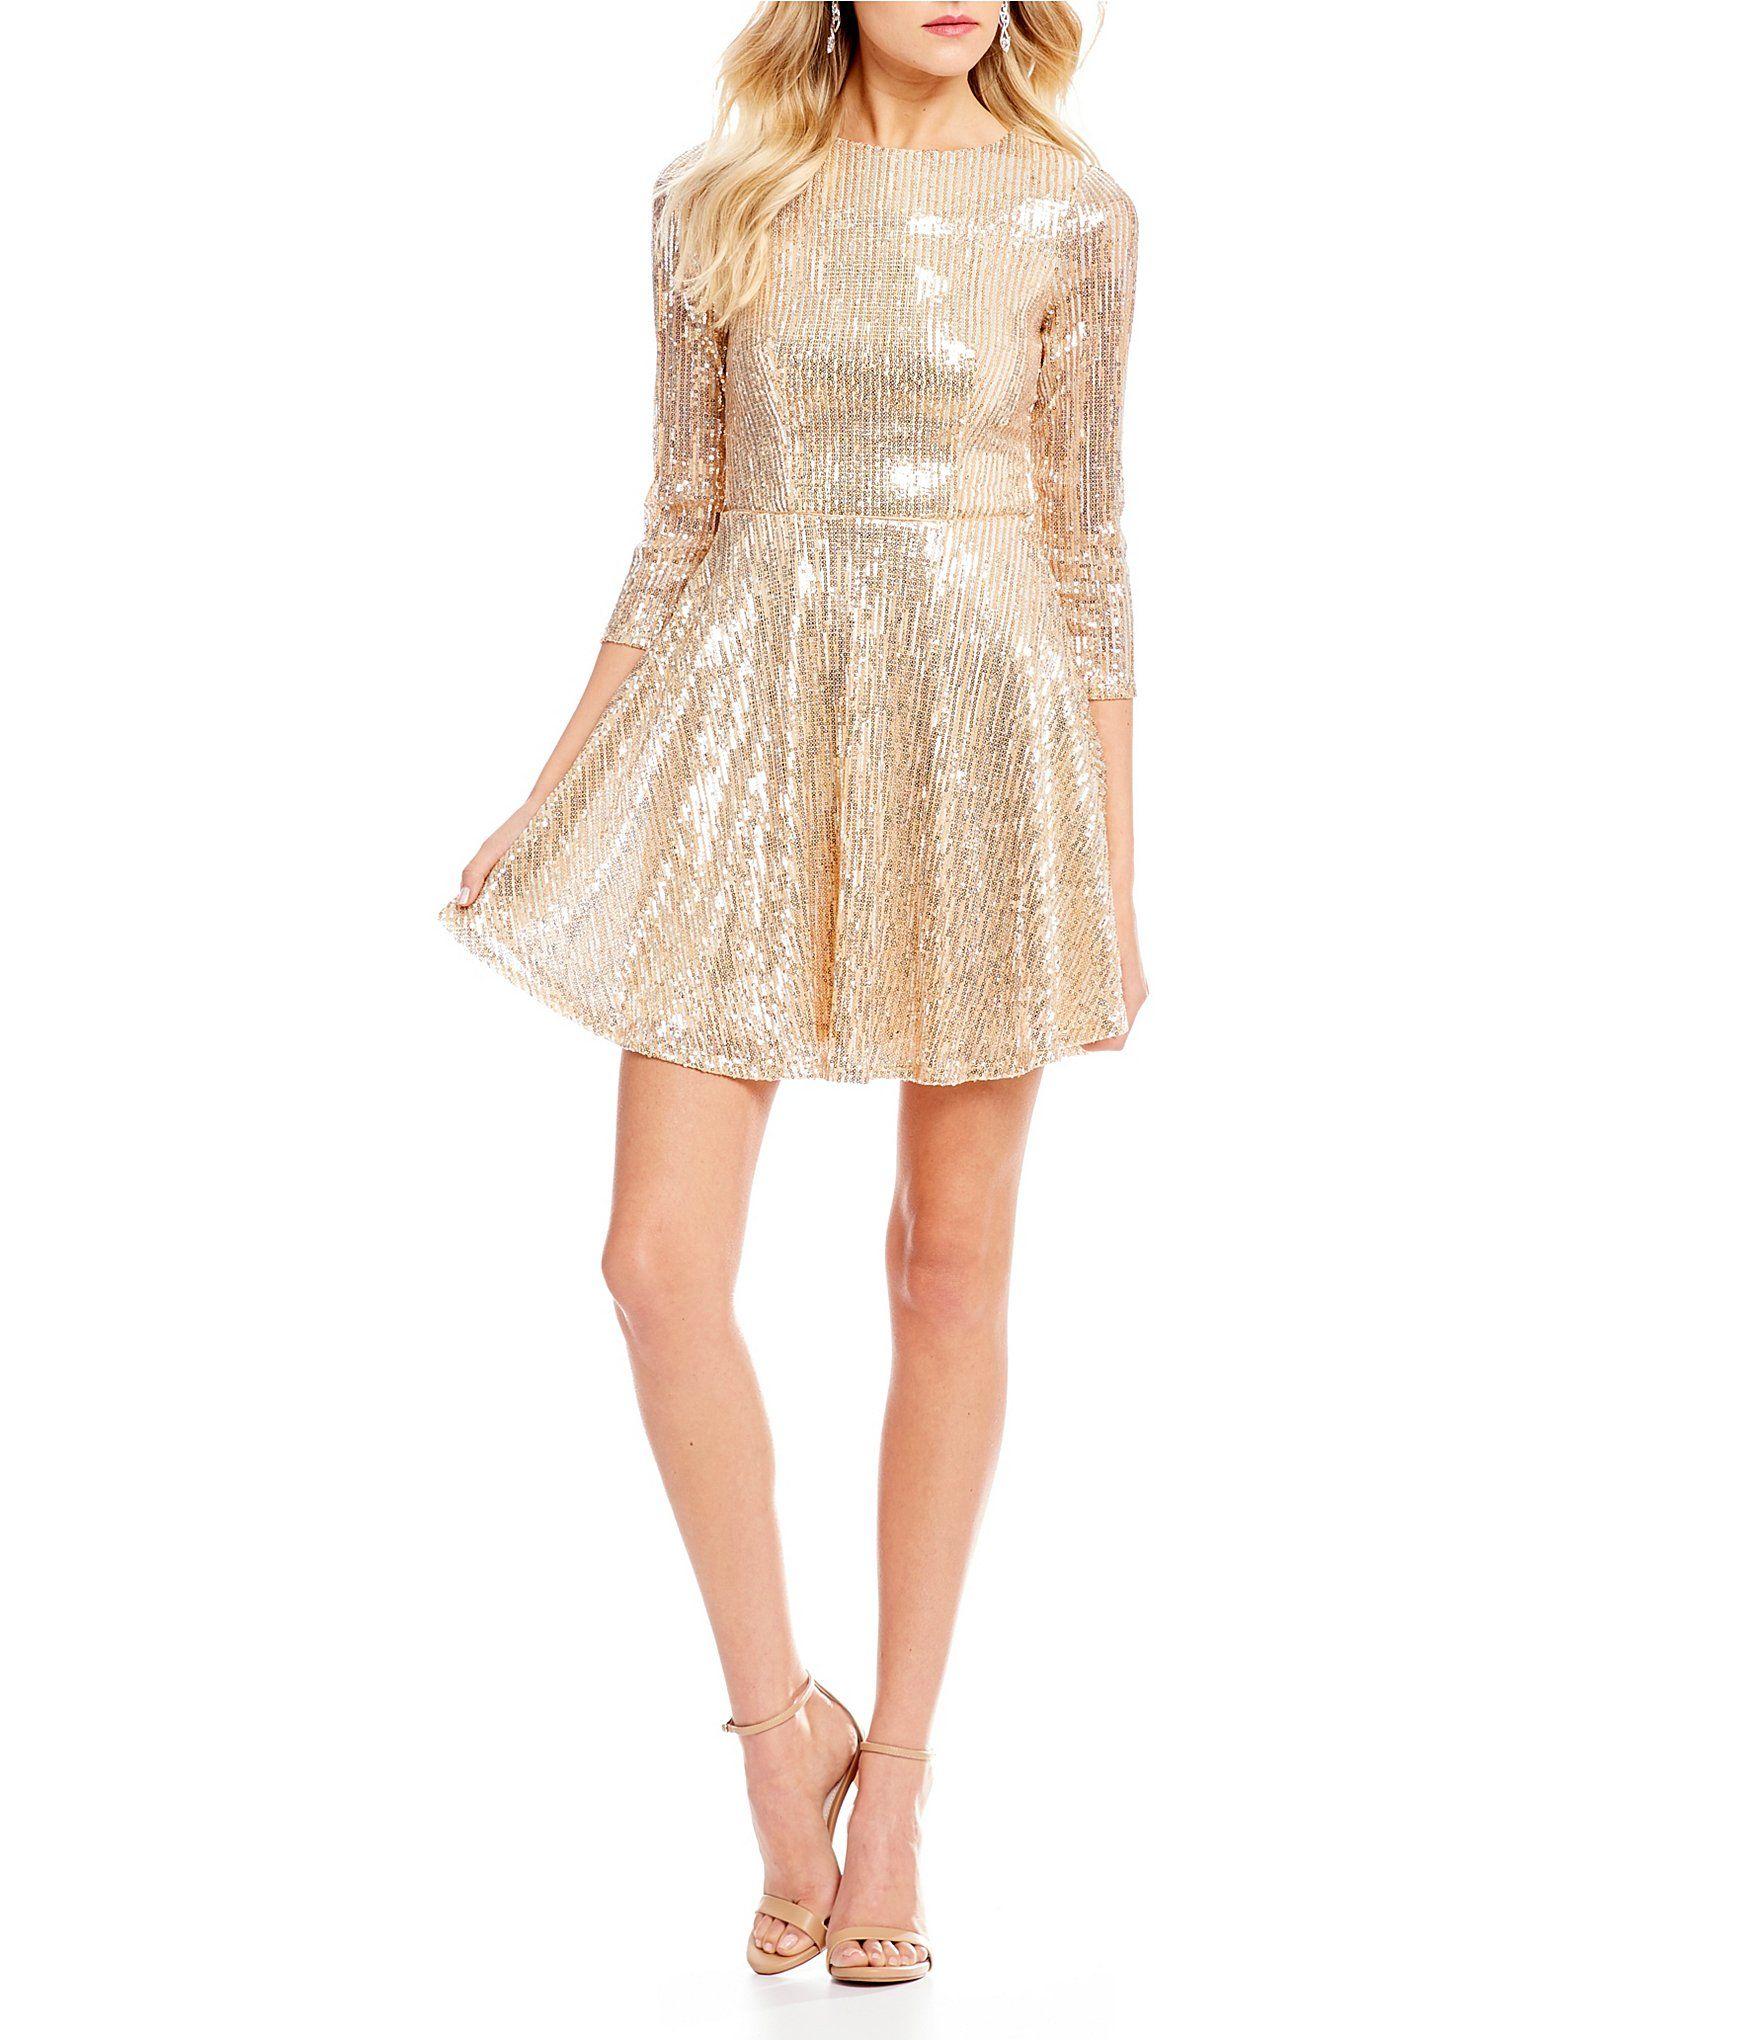 f0894b5929d Champagne Cocktail Dress Dillards